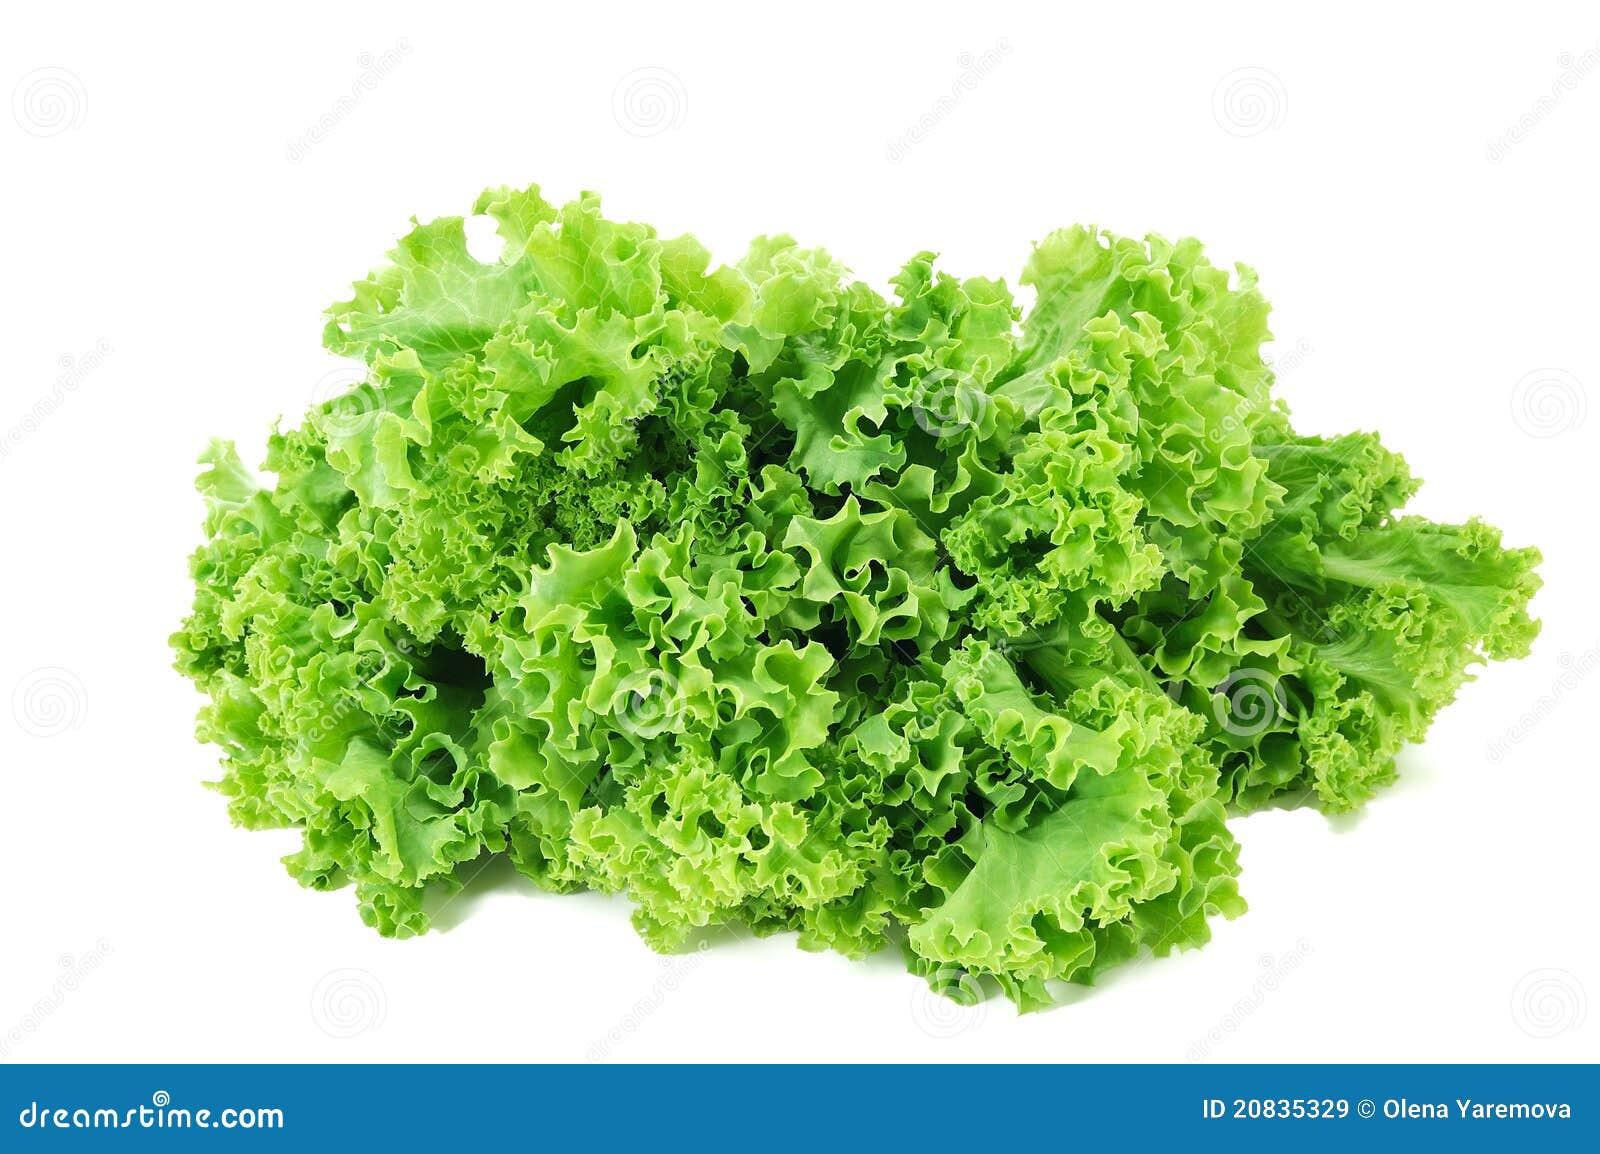 salade verte fraîche image stock. image du salade, jardin - 20835329